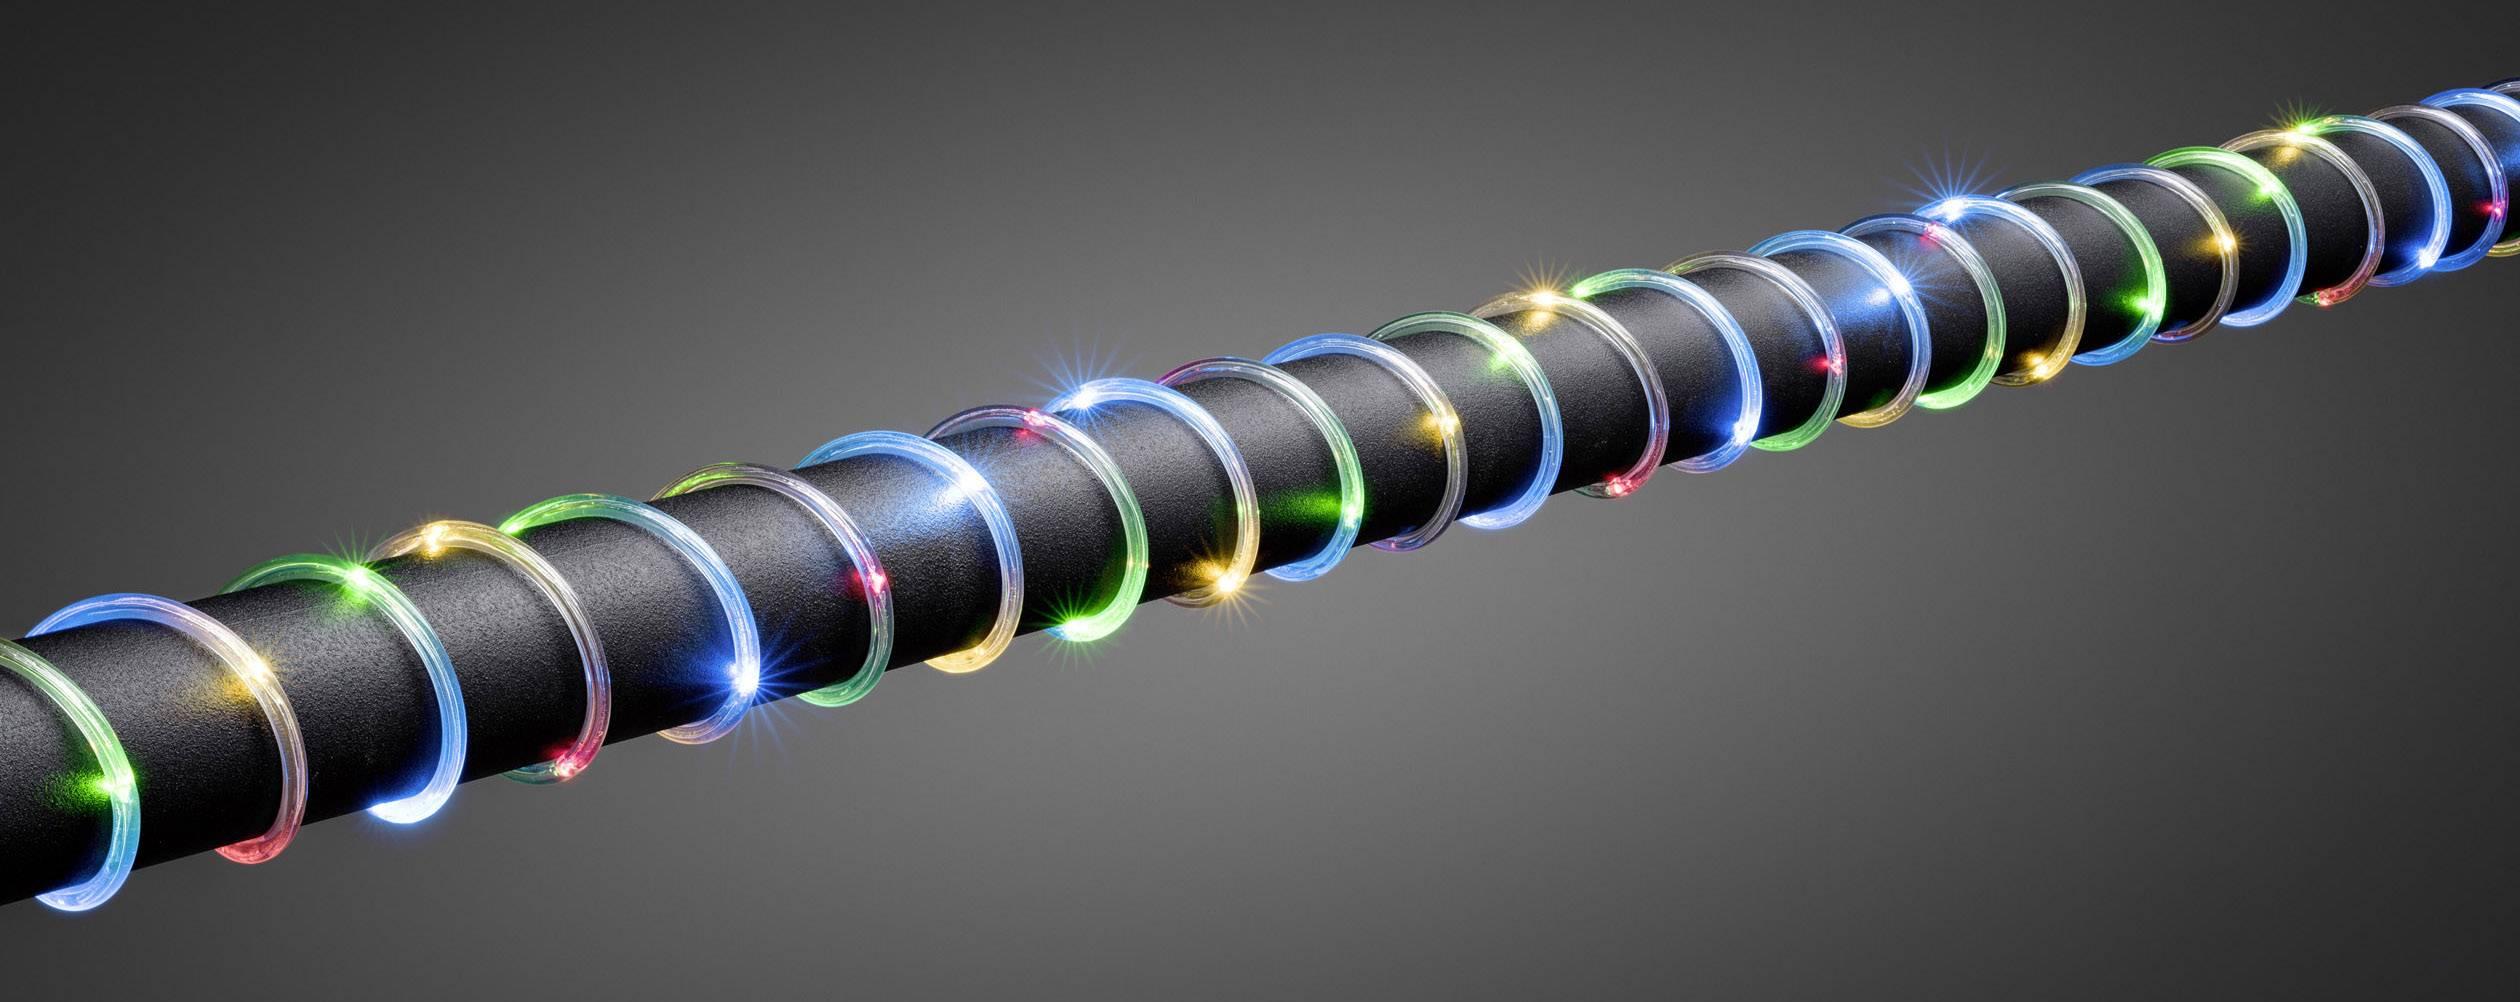 izdelek-konstsmide-led-3773-500-svetlobna-cev-5-m